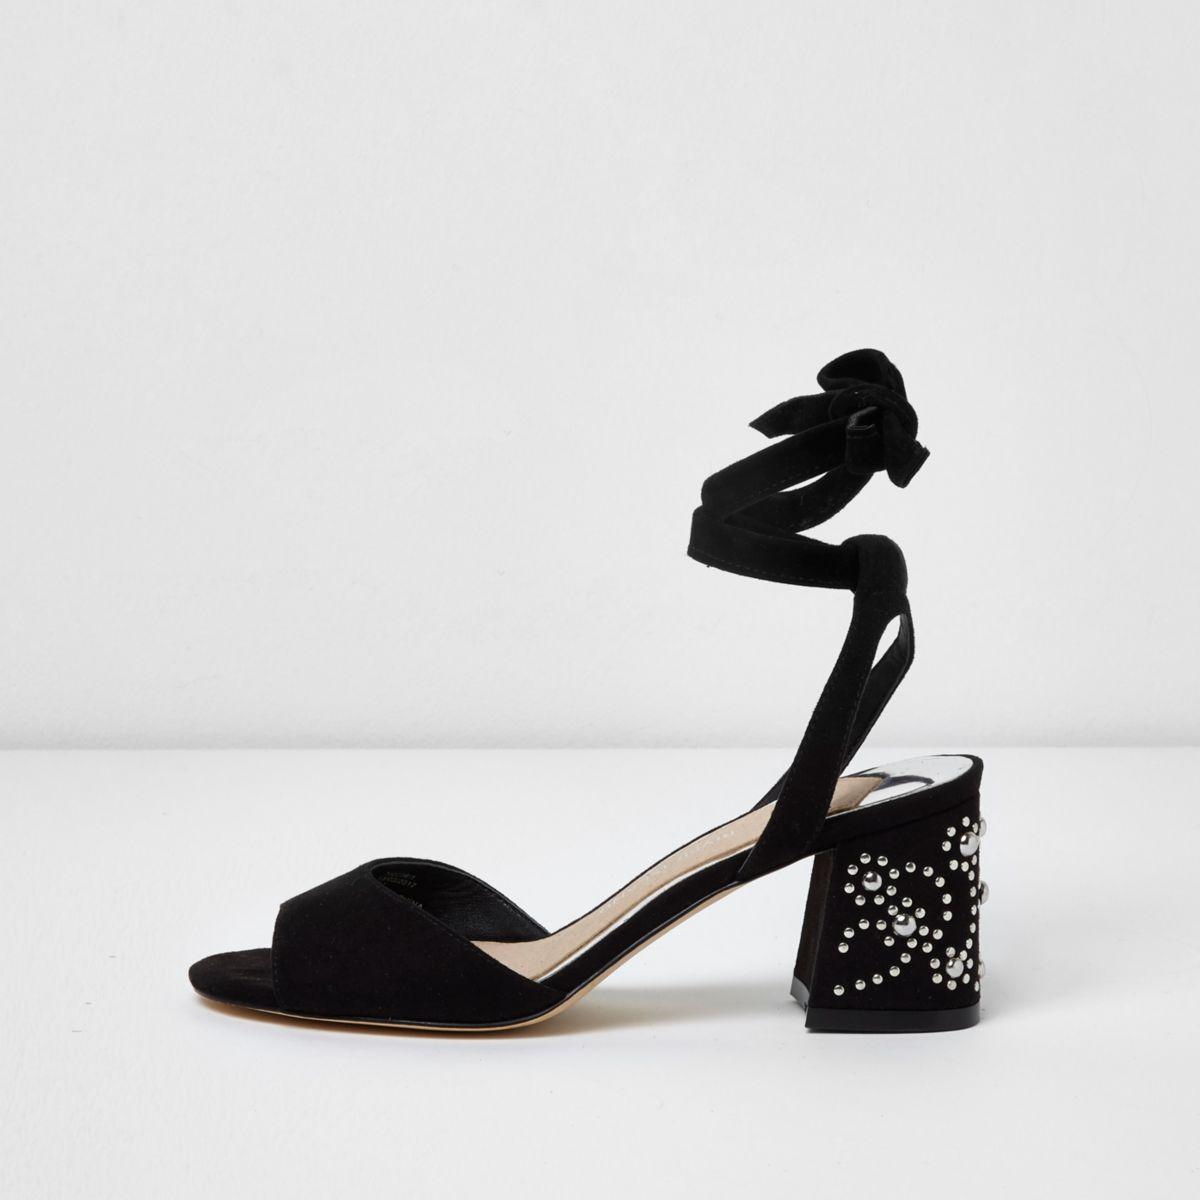 Black tie up studded block heel sandals